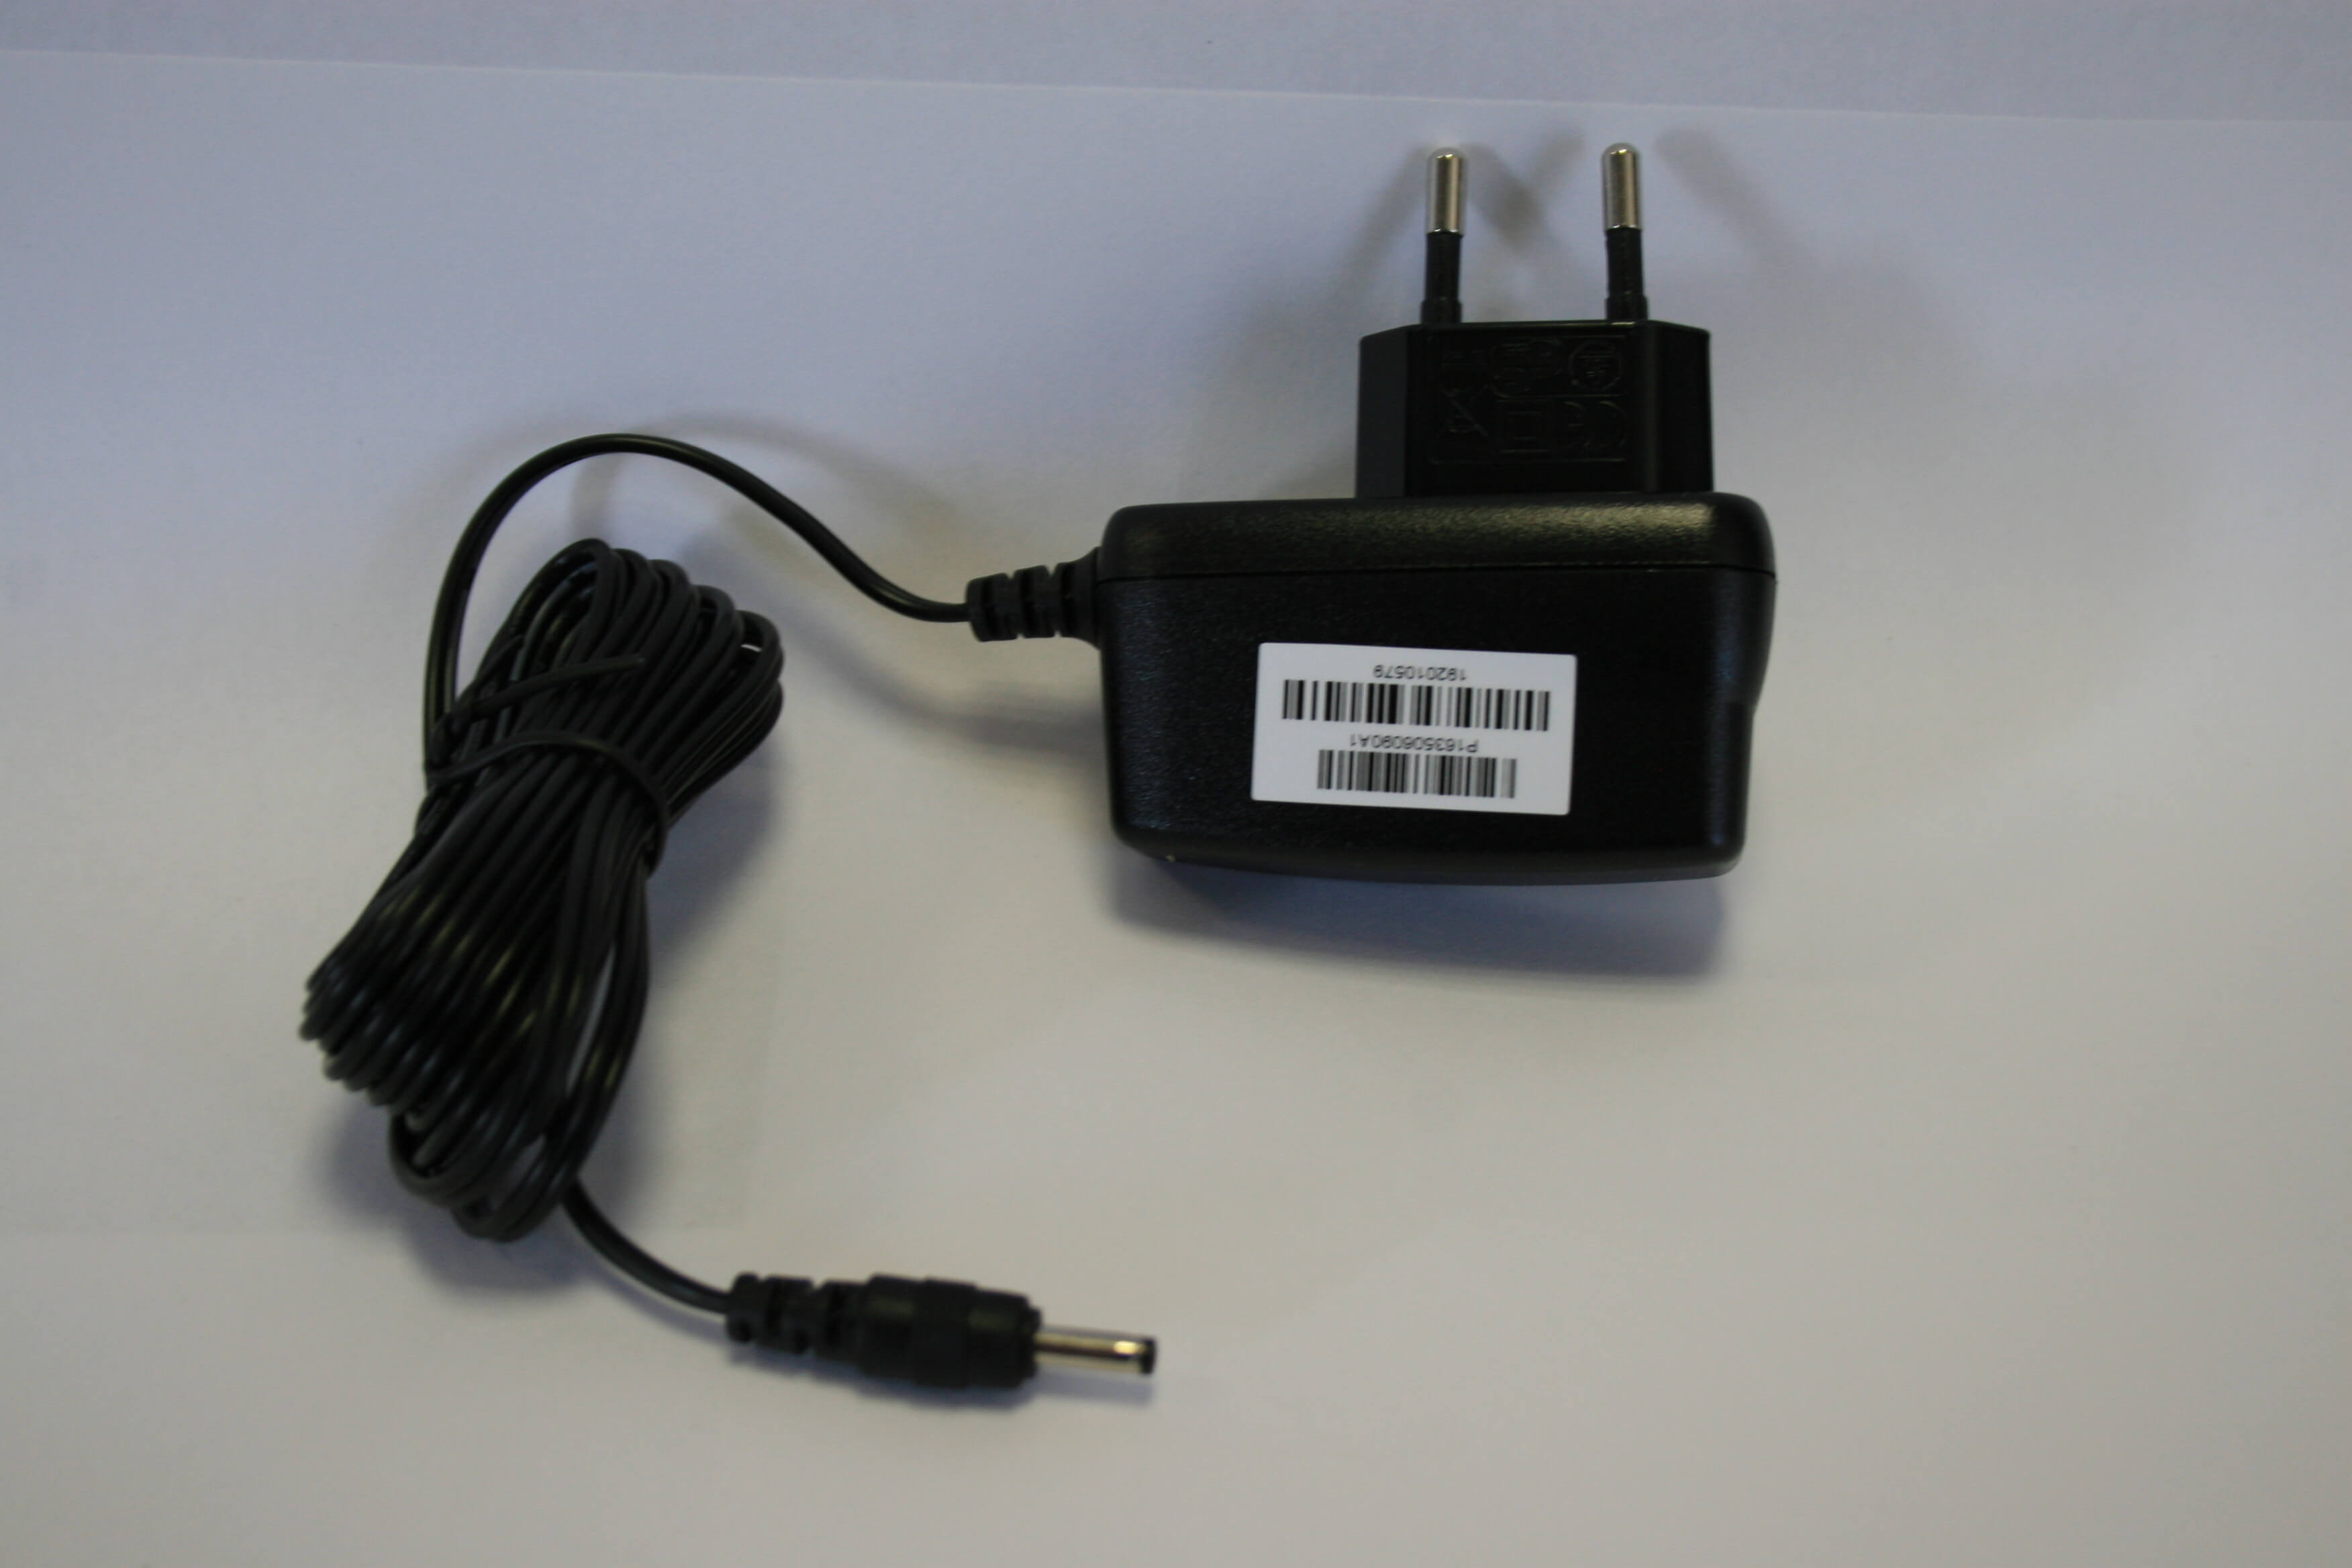 Adaptateur secteur pour EFT930 / IWL250 (Alimentation Electrique)